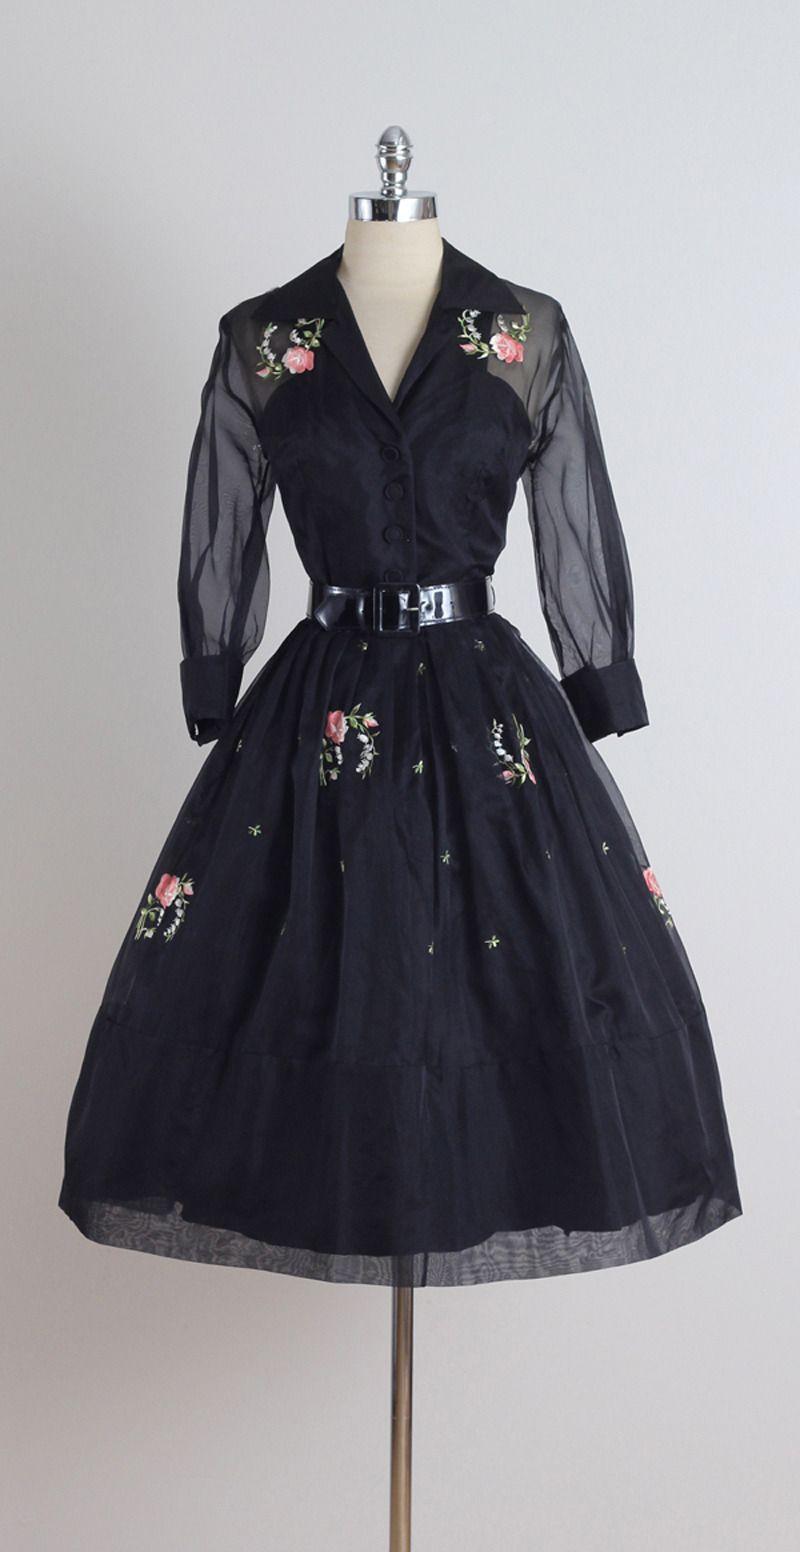 Vintage 1950s Black Floral Embroidered Organza Cocktail Dress